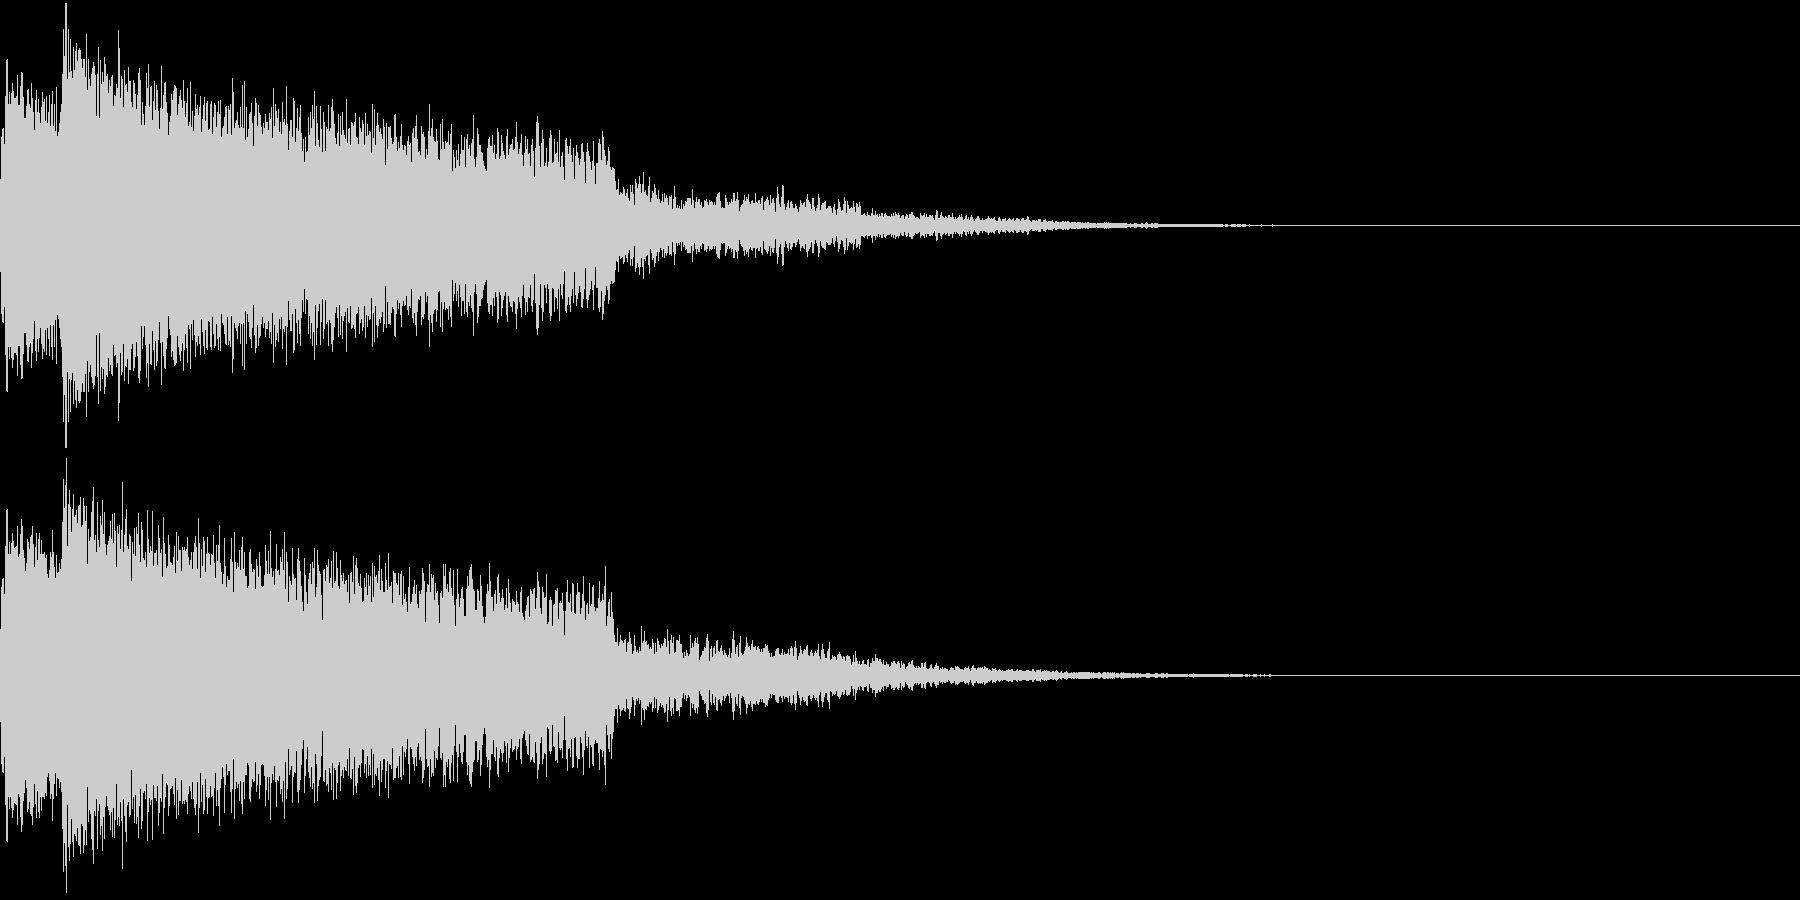 ピキューン ピキーン ズキューン 2の未再生の波形